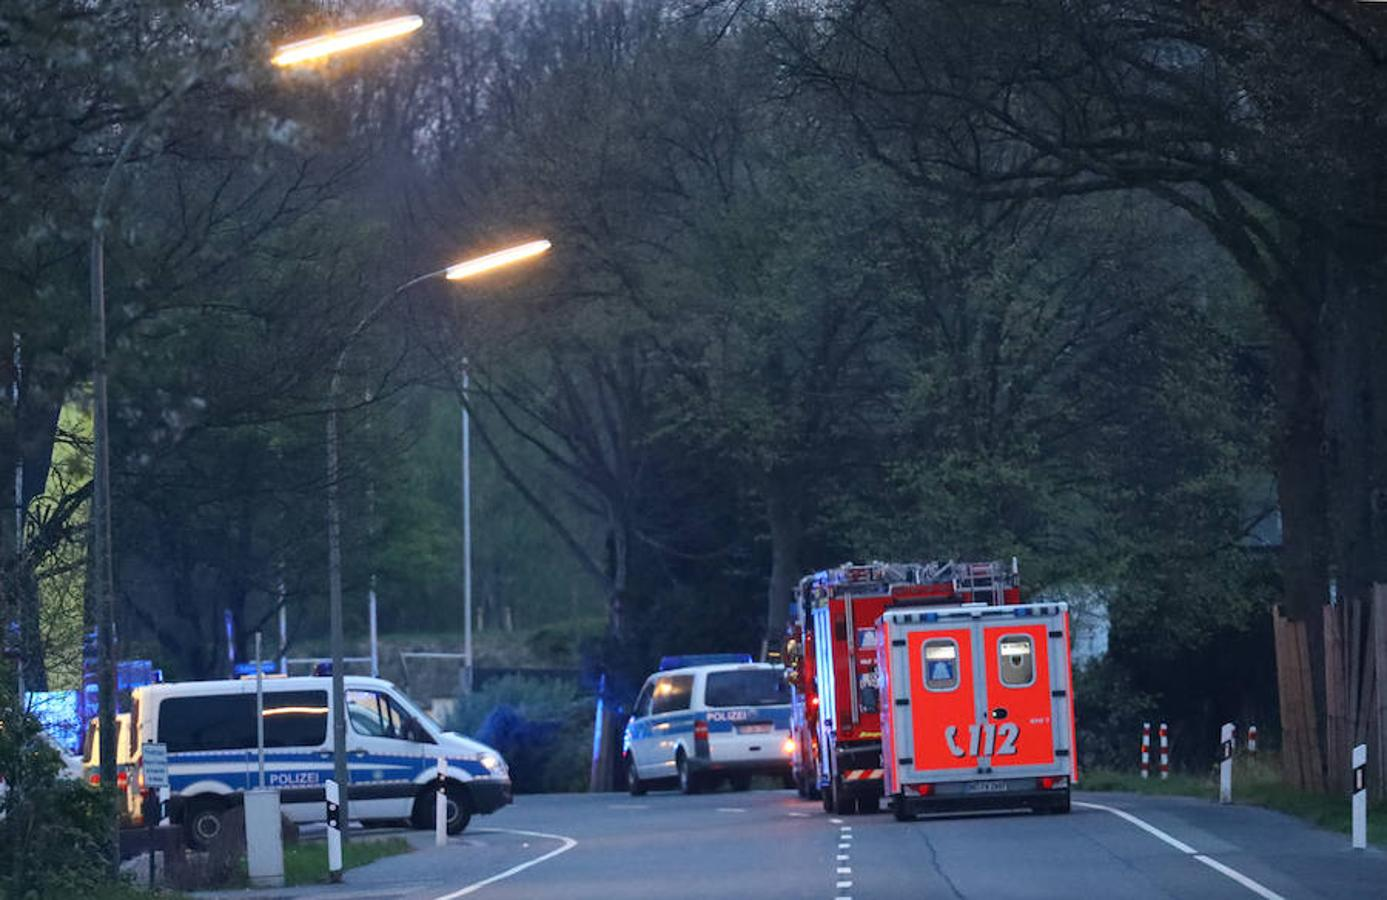 En torno a las 20.00 horas una explosión junto al autobús del Borussia de Dortmund generó mucha confusión